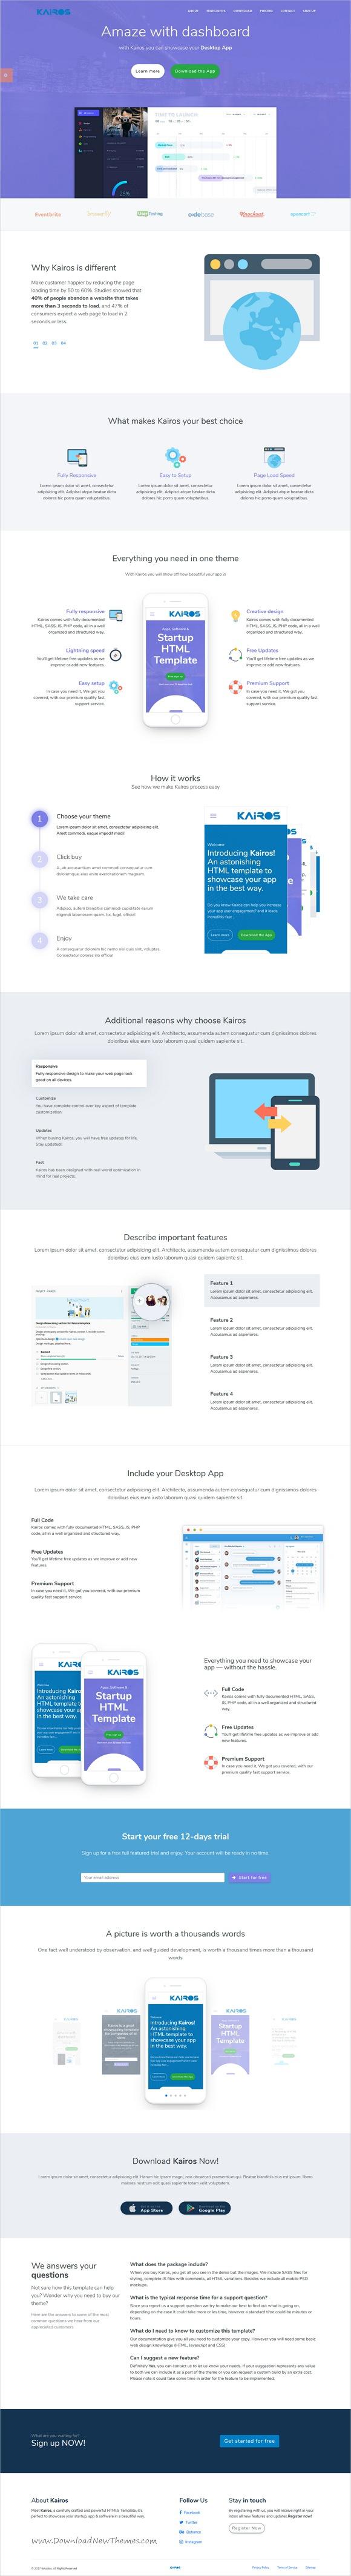 Kairos - App, Startup & Software HTML Template | Startups, Software ...